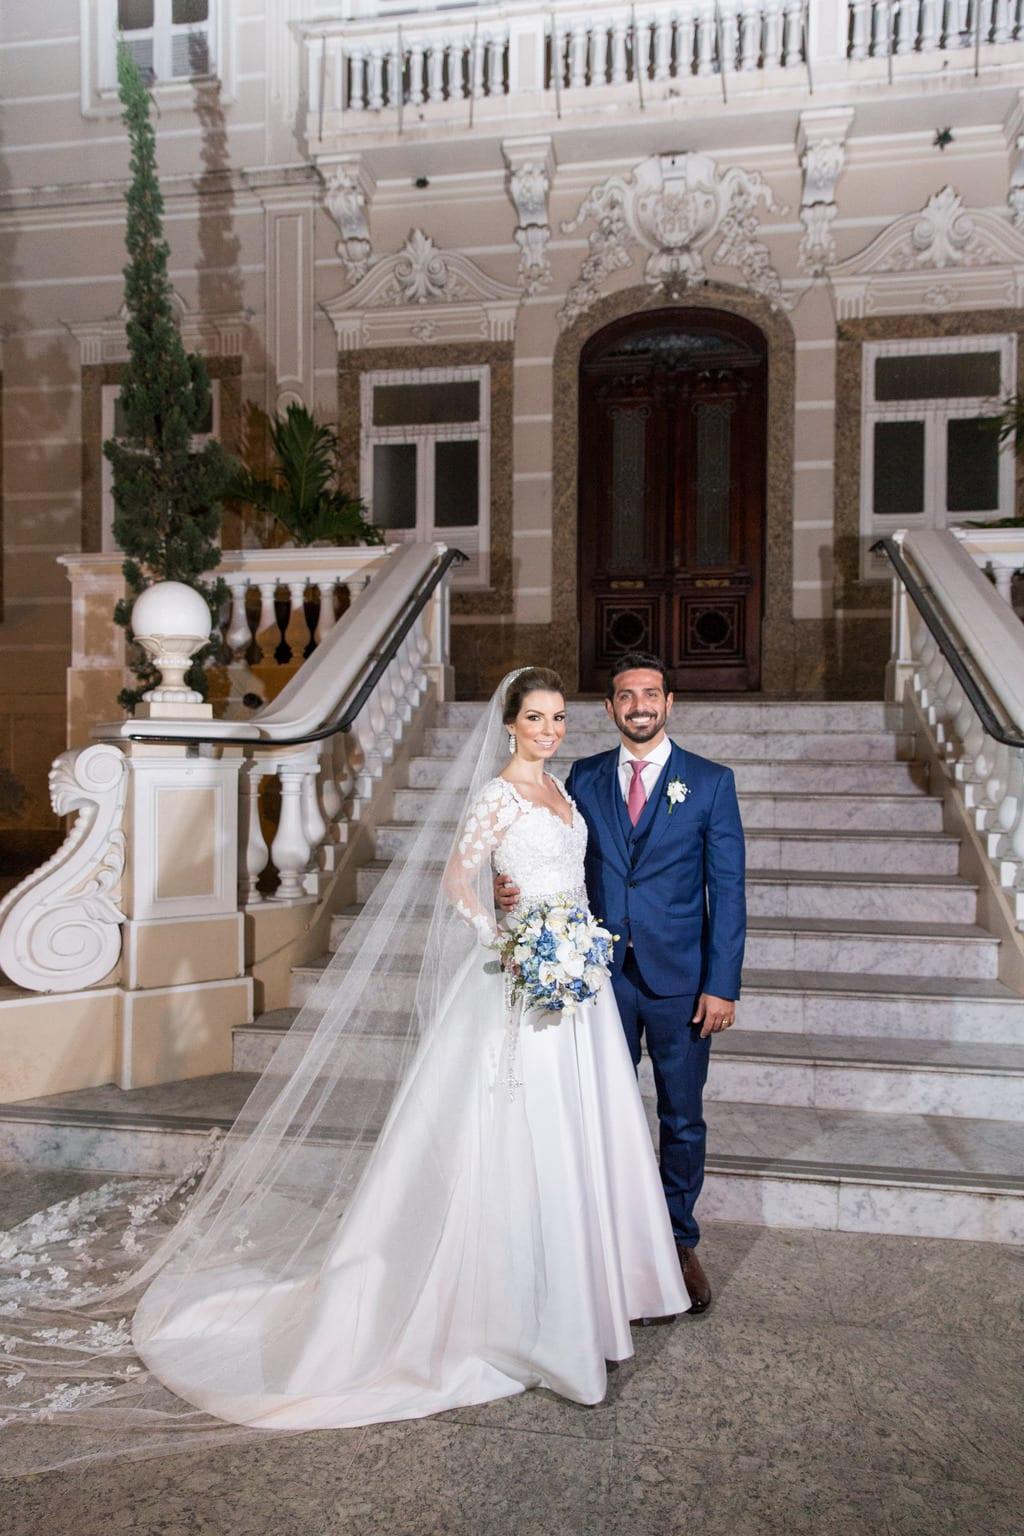 casamento-clássico-casamento-tradicional-rio-de-janeiro-niterói-Fotografia-Giovani-Garcia-casamento-Cássia-e-Daniel-19-1